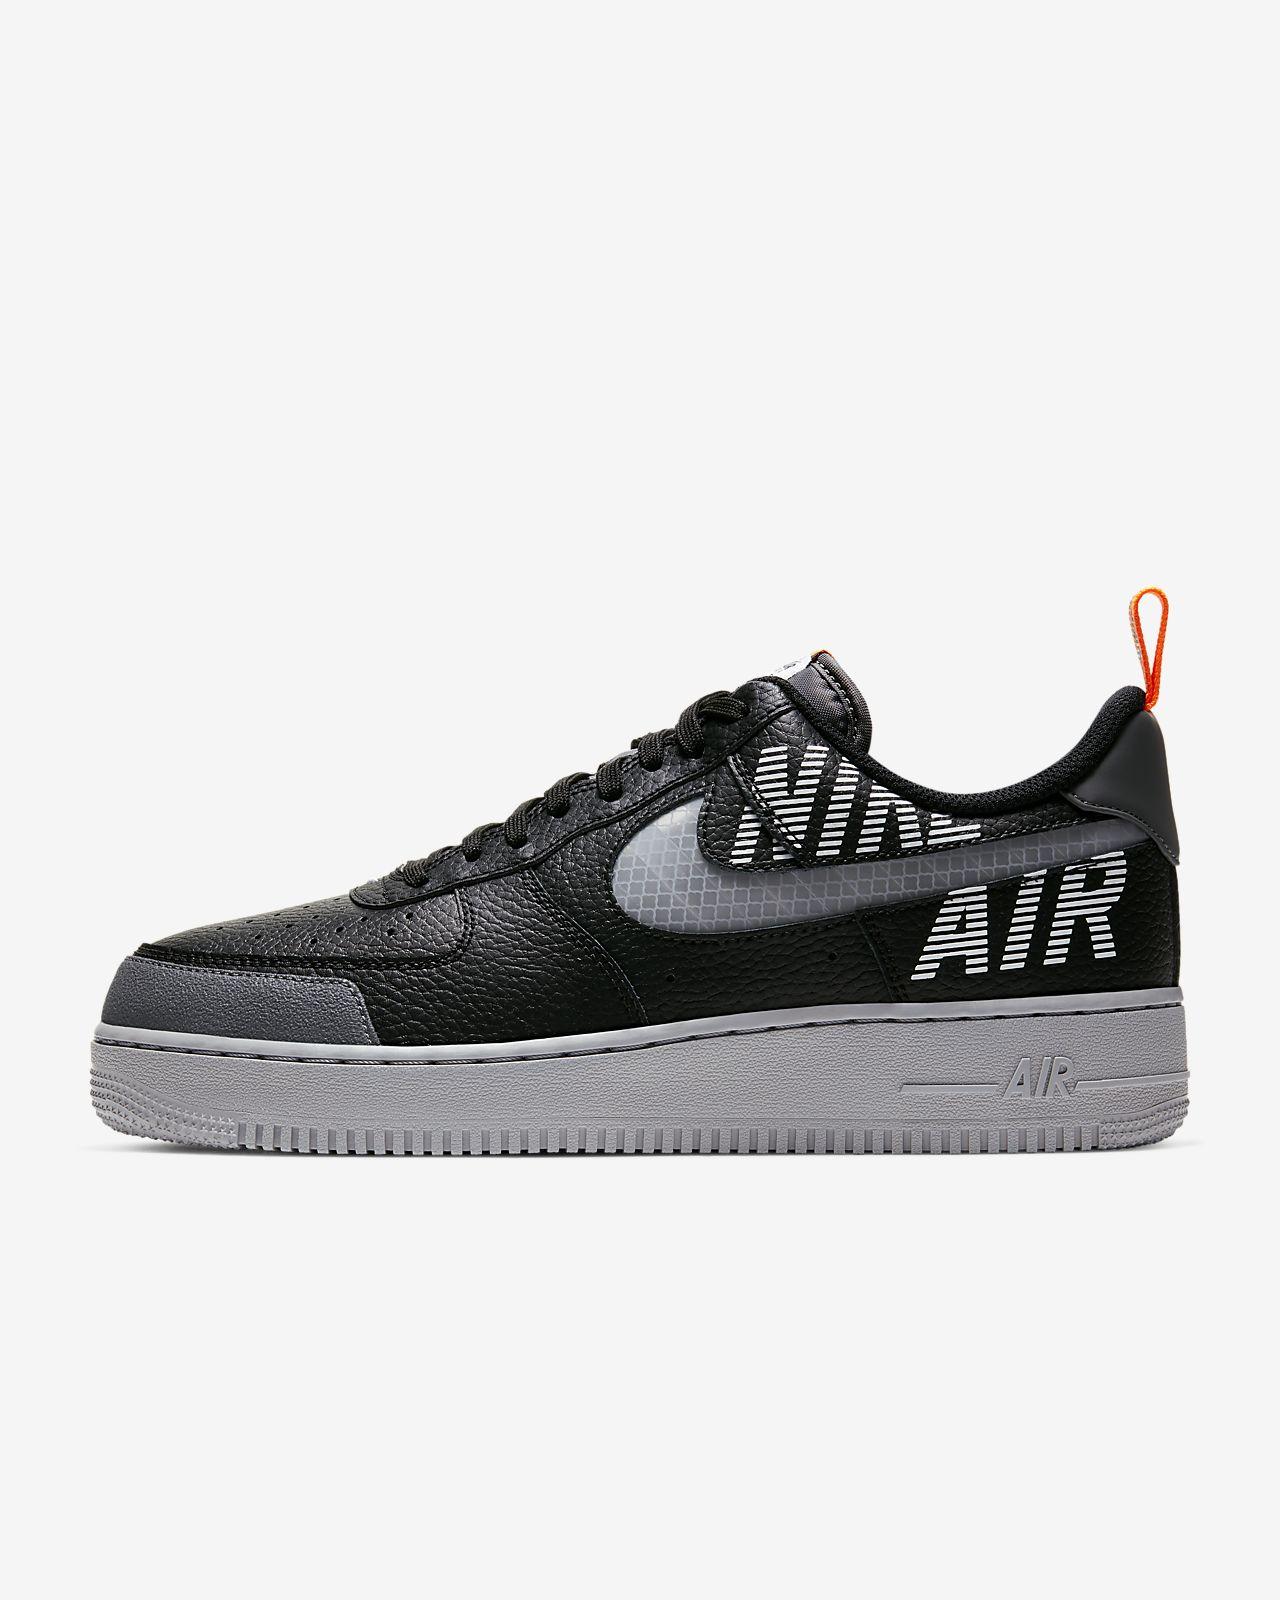 Ανδρικό παπούτσι Nike Air Force 1 '07 LV8